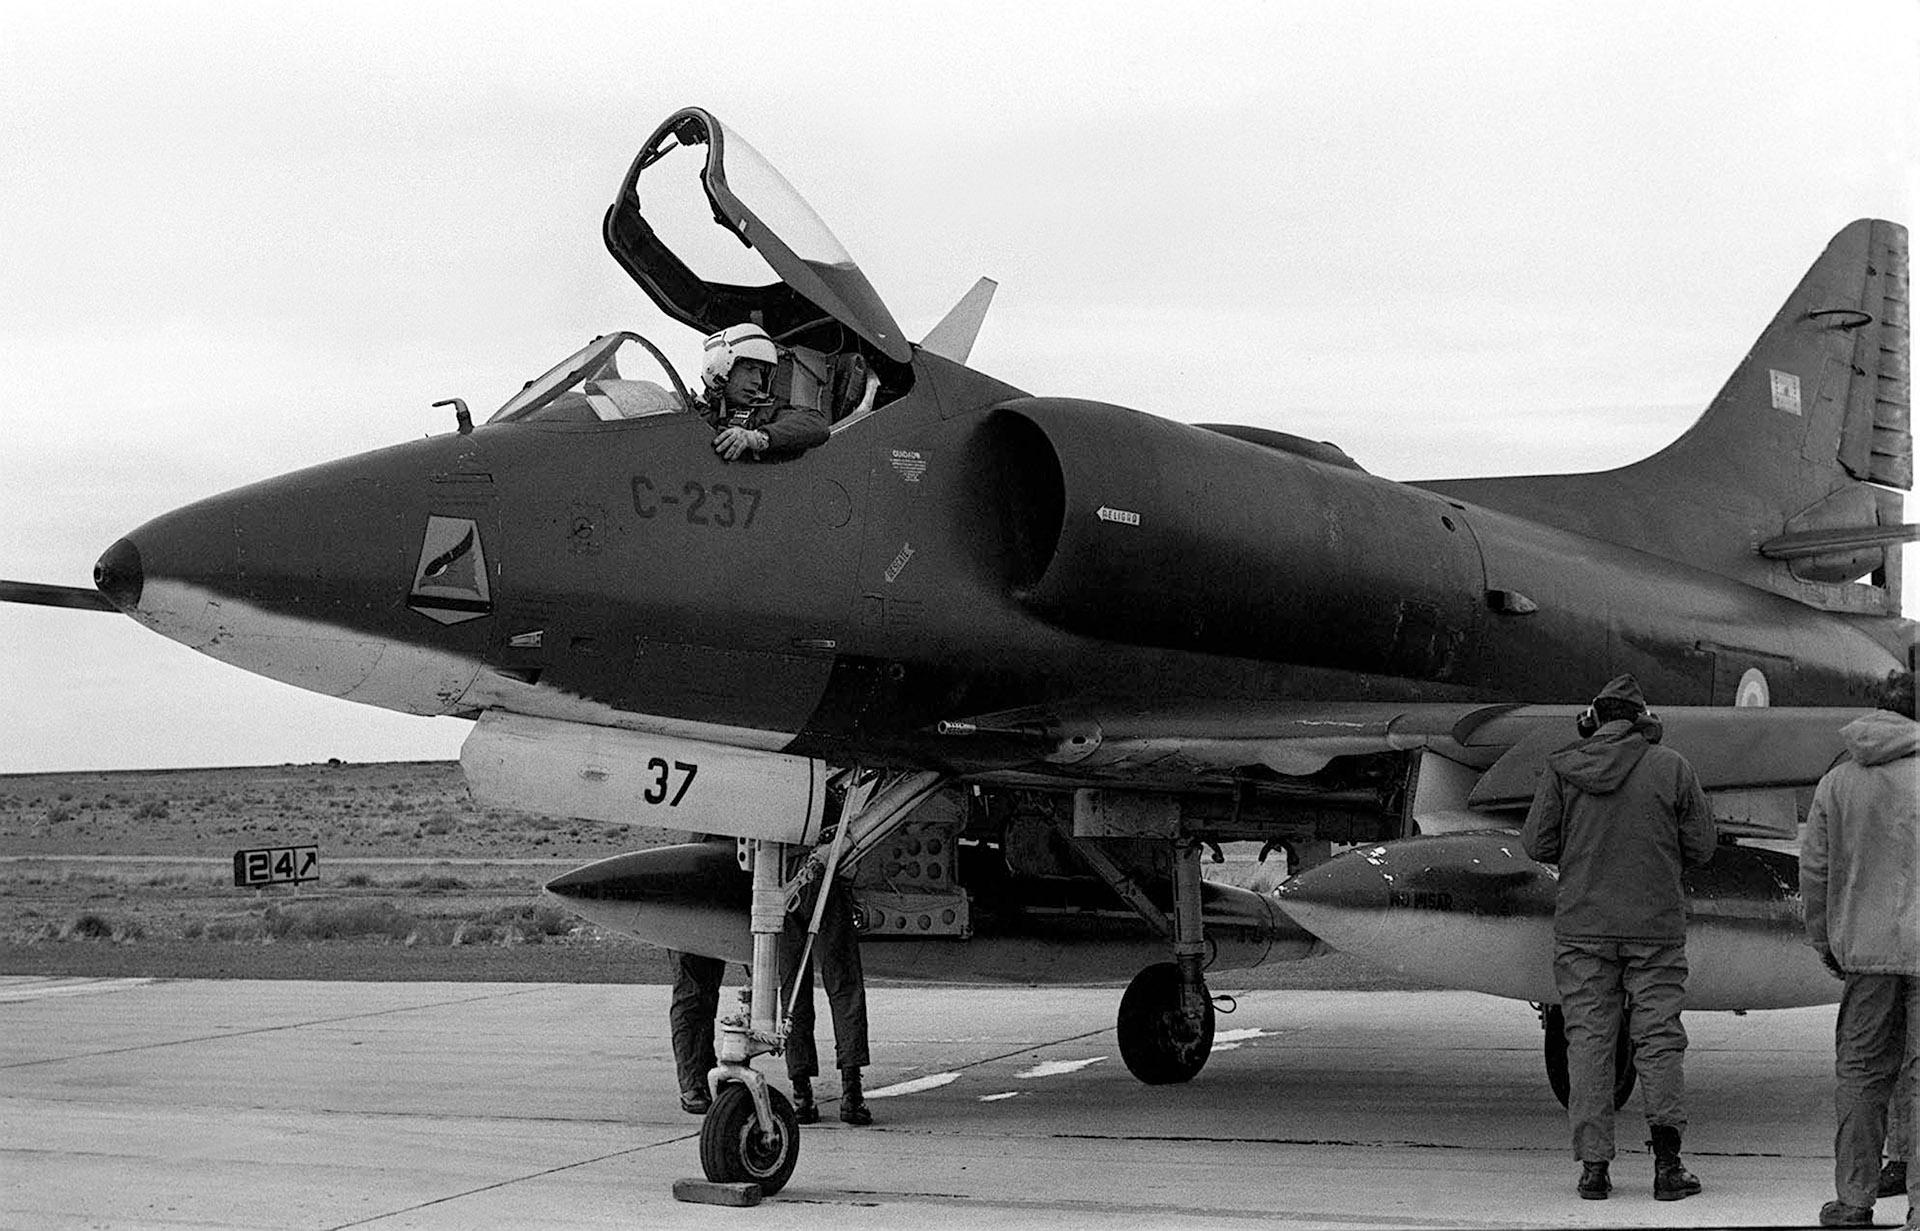 El piloto de este Skyhawk A4B dialoga con sus auxiliares previa su partida para cumplir con una misión (Foto: Fuerza Aérea Argentina)